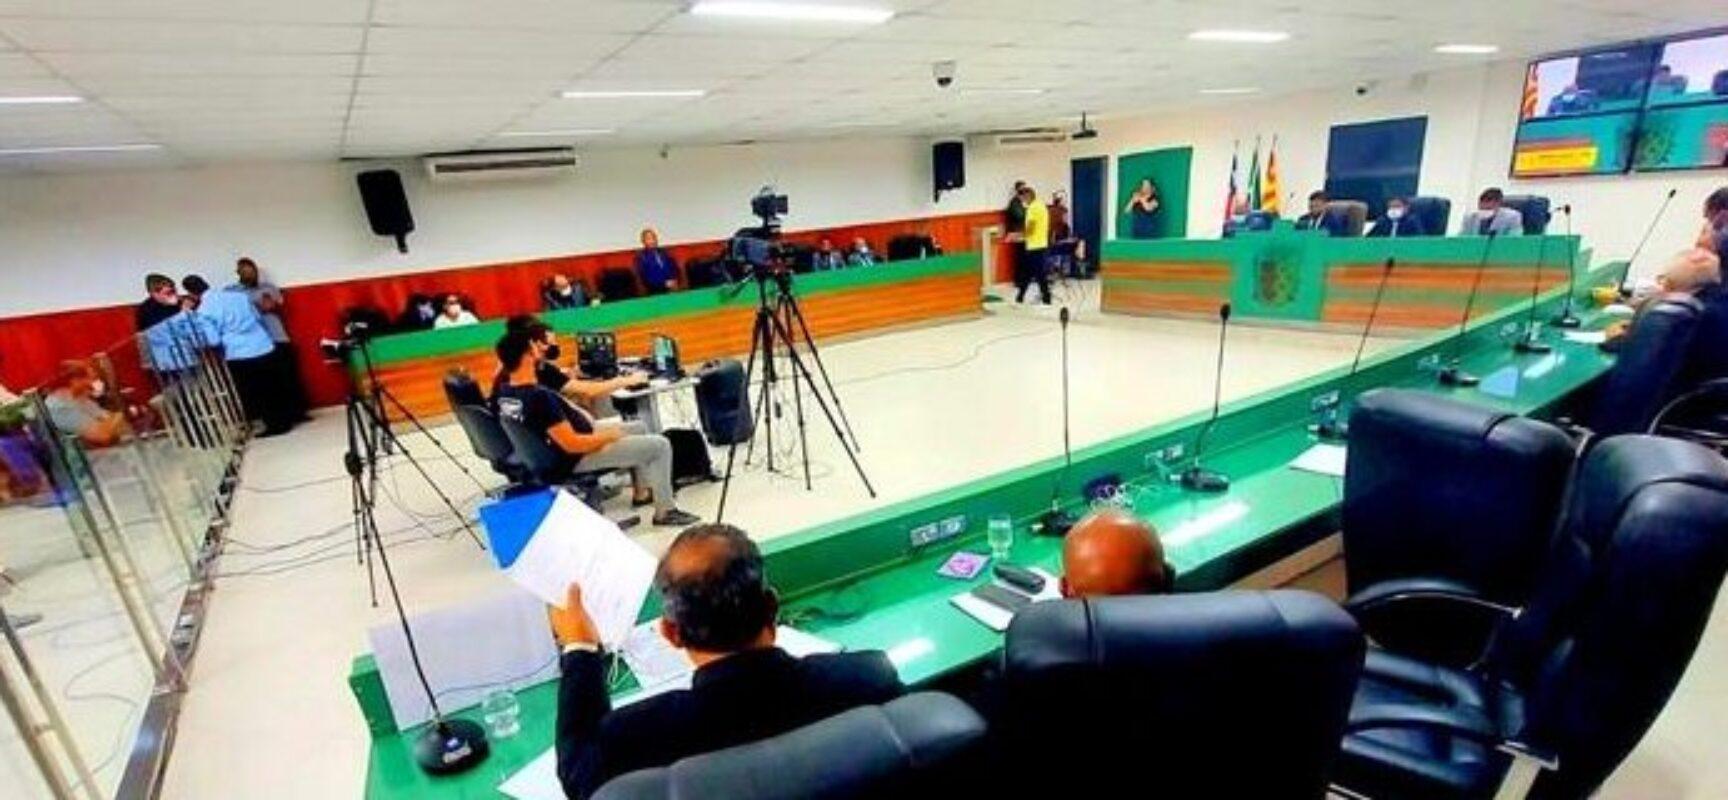 CÂMARA DE ILHÉUS: PAUTA DA 56ª SESSÃO ORDINÁRIA, TERÇA-FEIRA – 28/09/2021